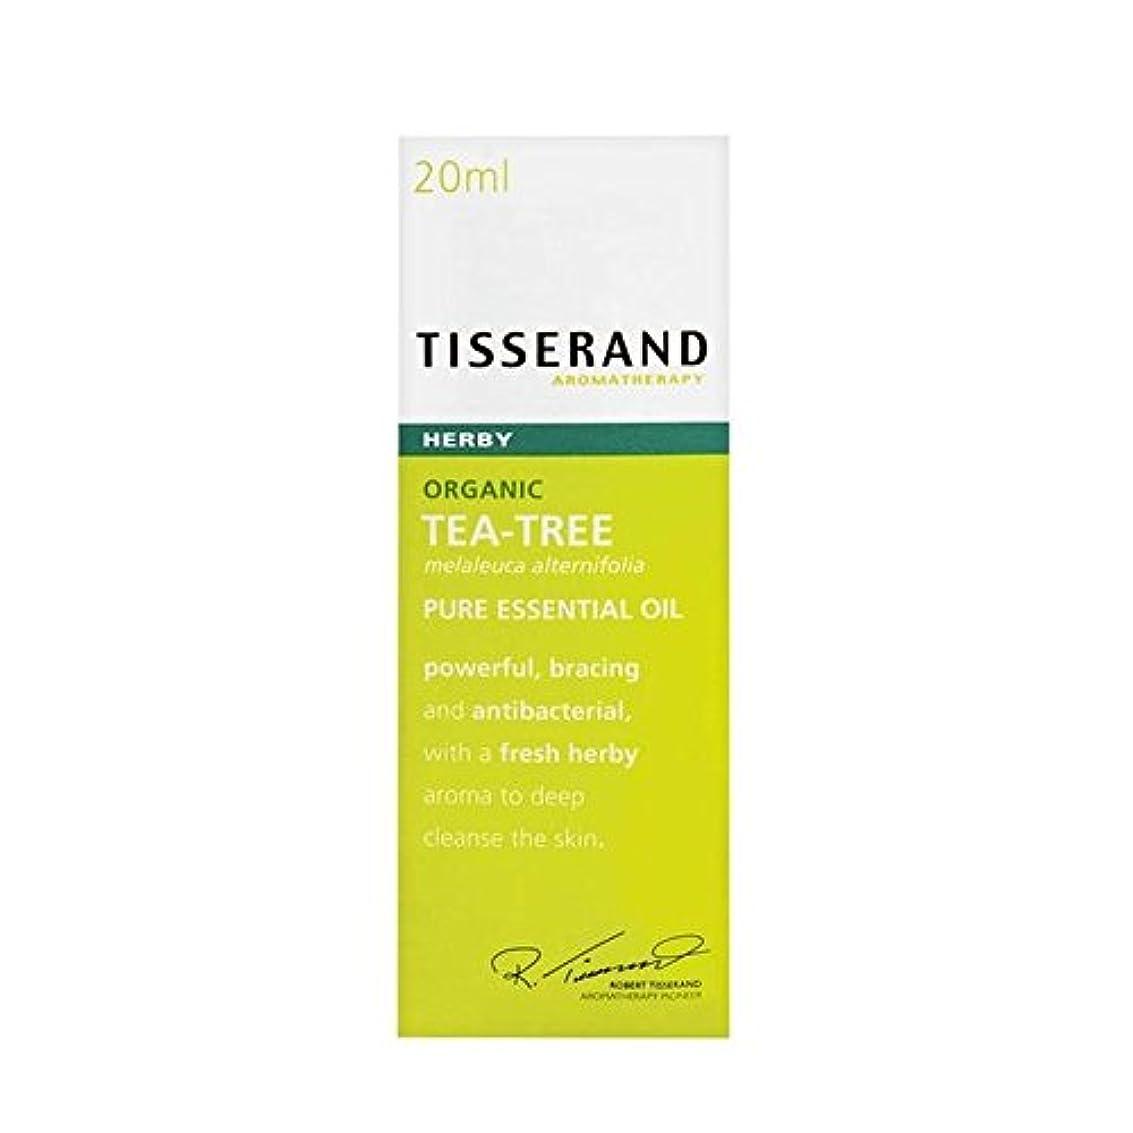 言うまでもなく市場うんざりTisserand Tea Tree Organic Pure Essential Oil 20ml (Pack of 6) - ティスランドティーツリーオーガニックピュアエッセンシャルオイル20ミリリットル x6 [並行輸入品]